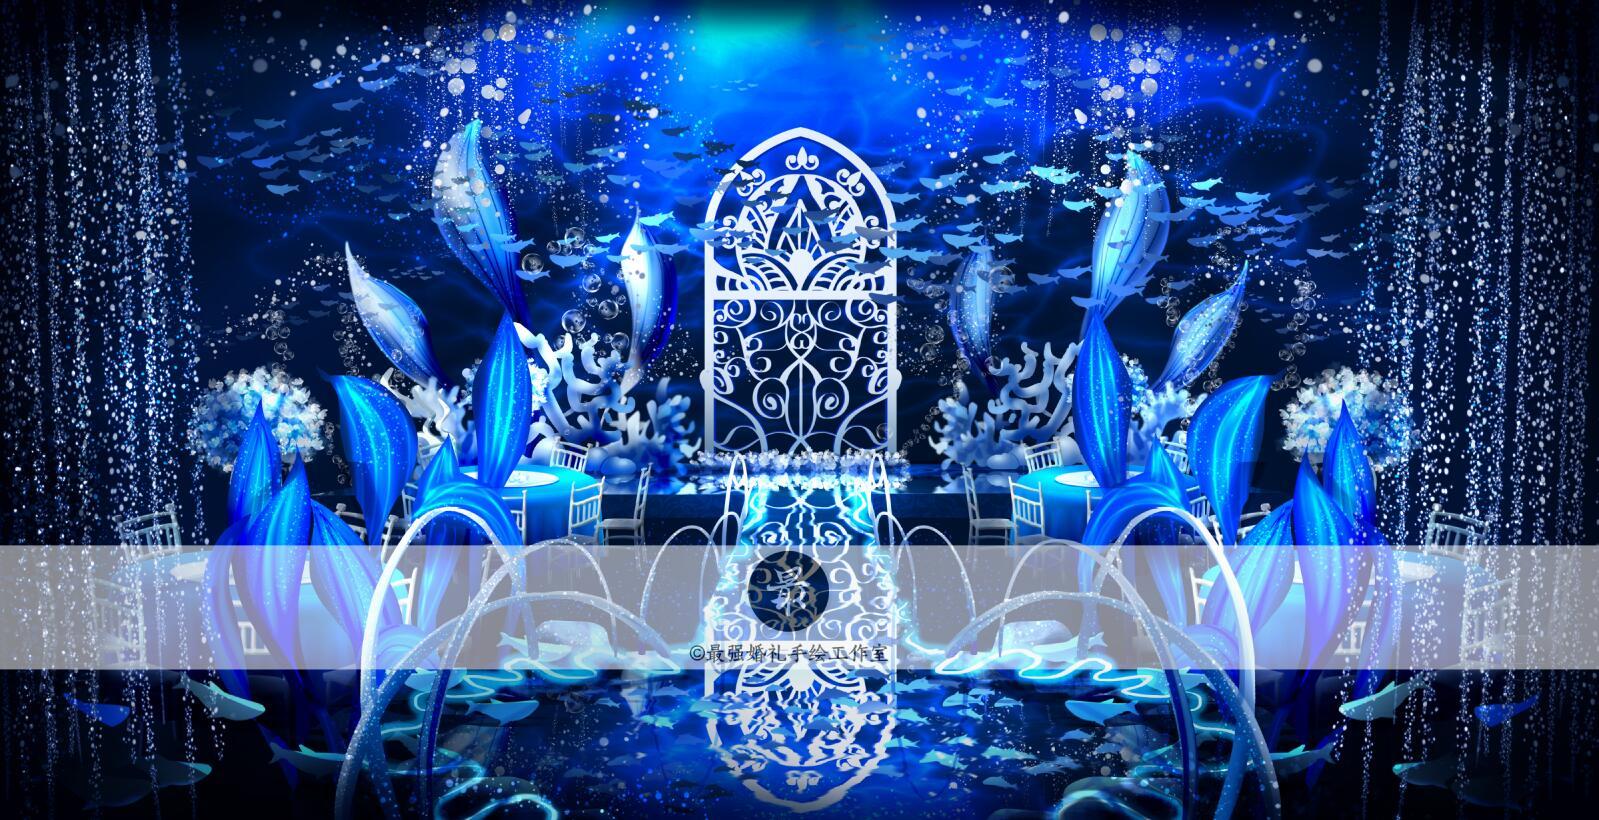 【婚礼手绘】电脑手绘蓝色效果图